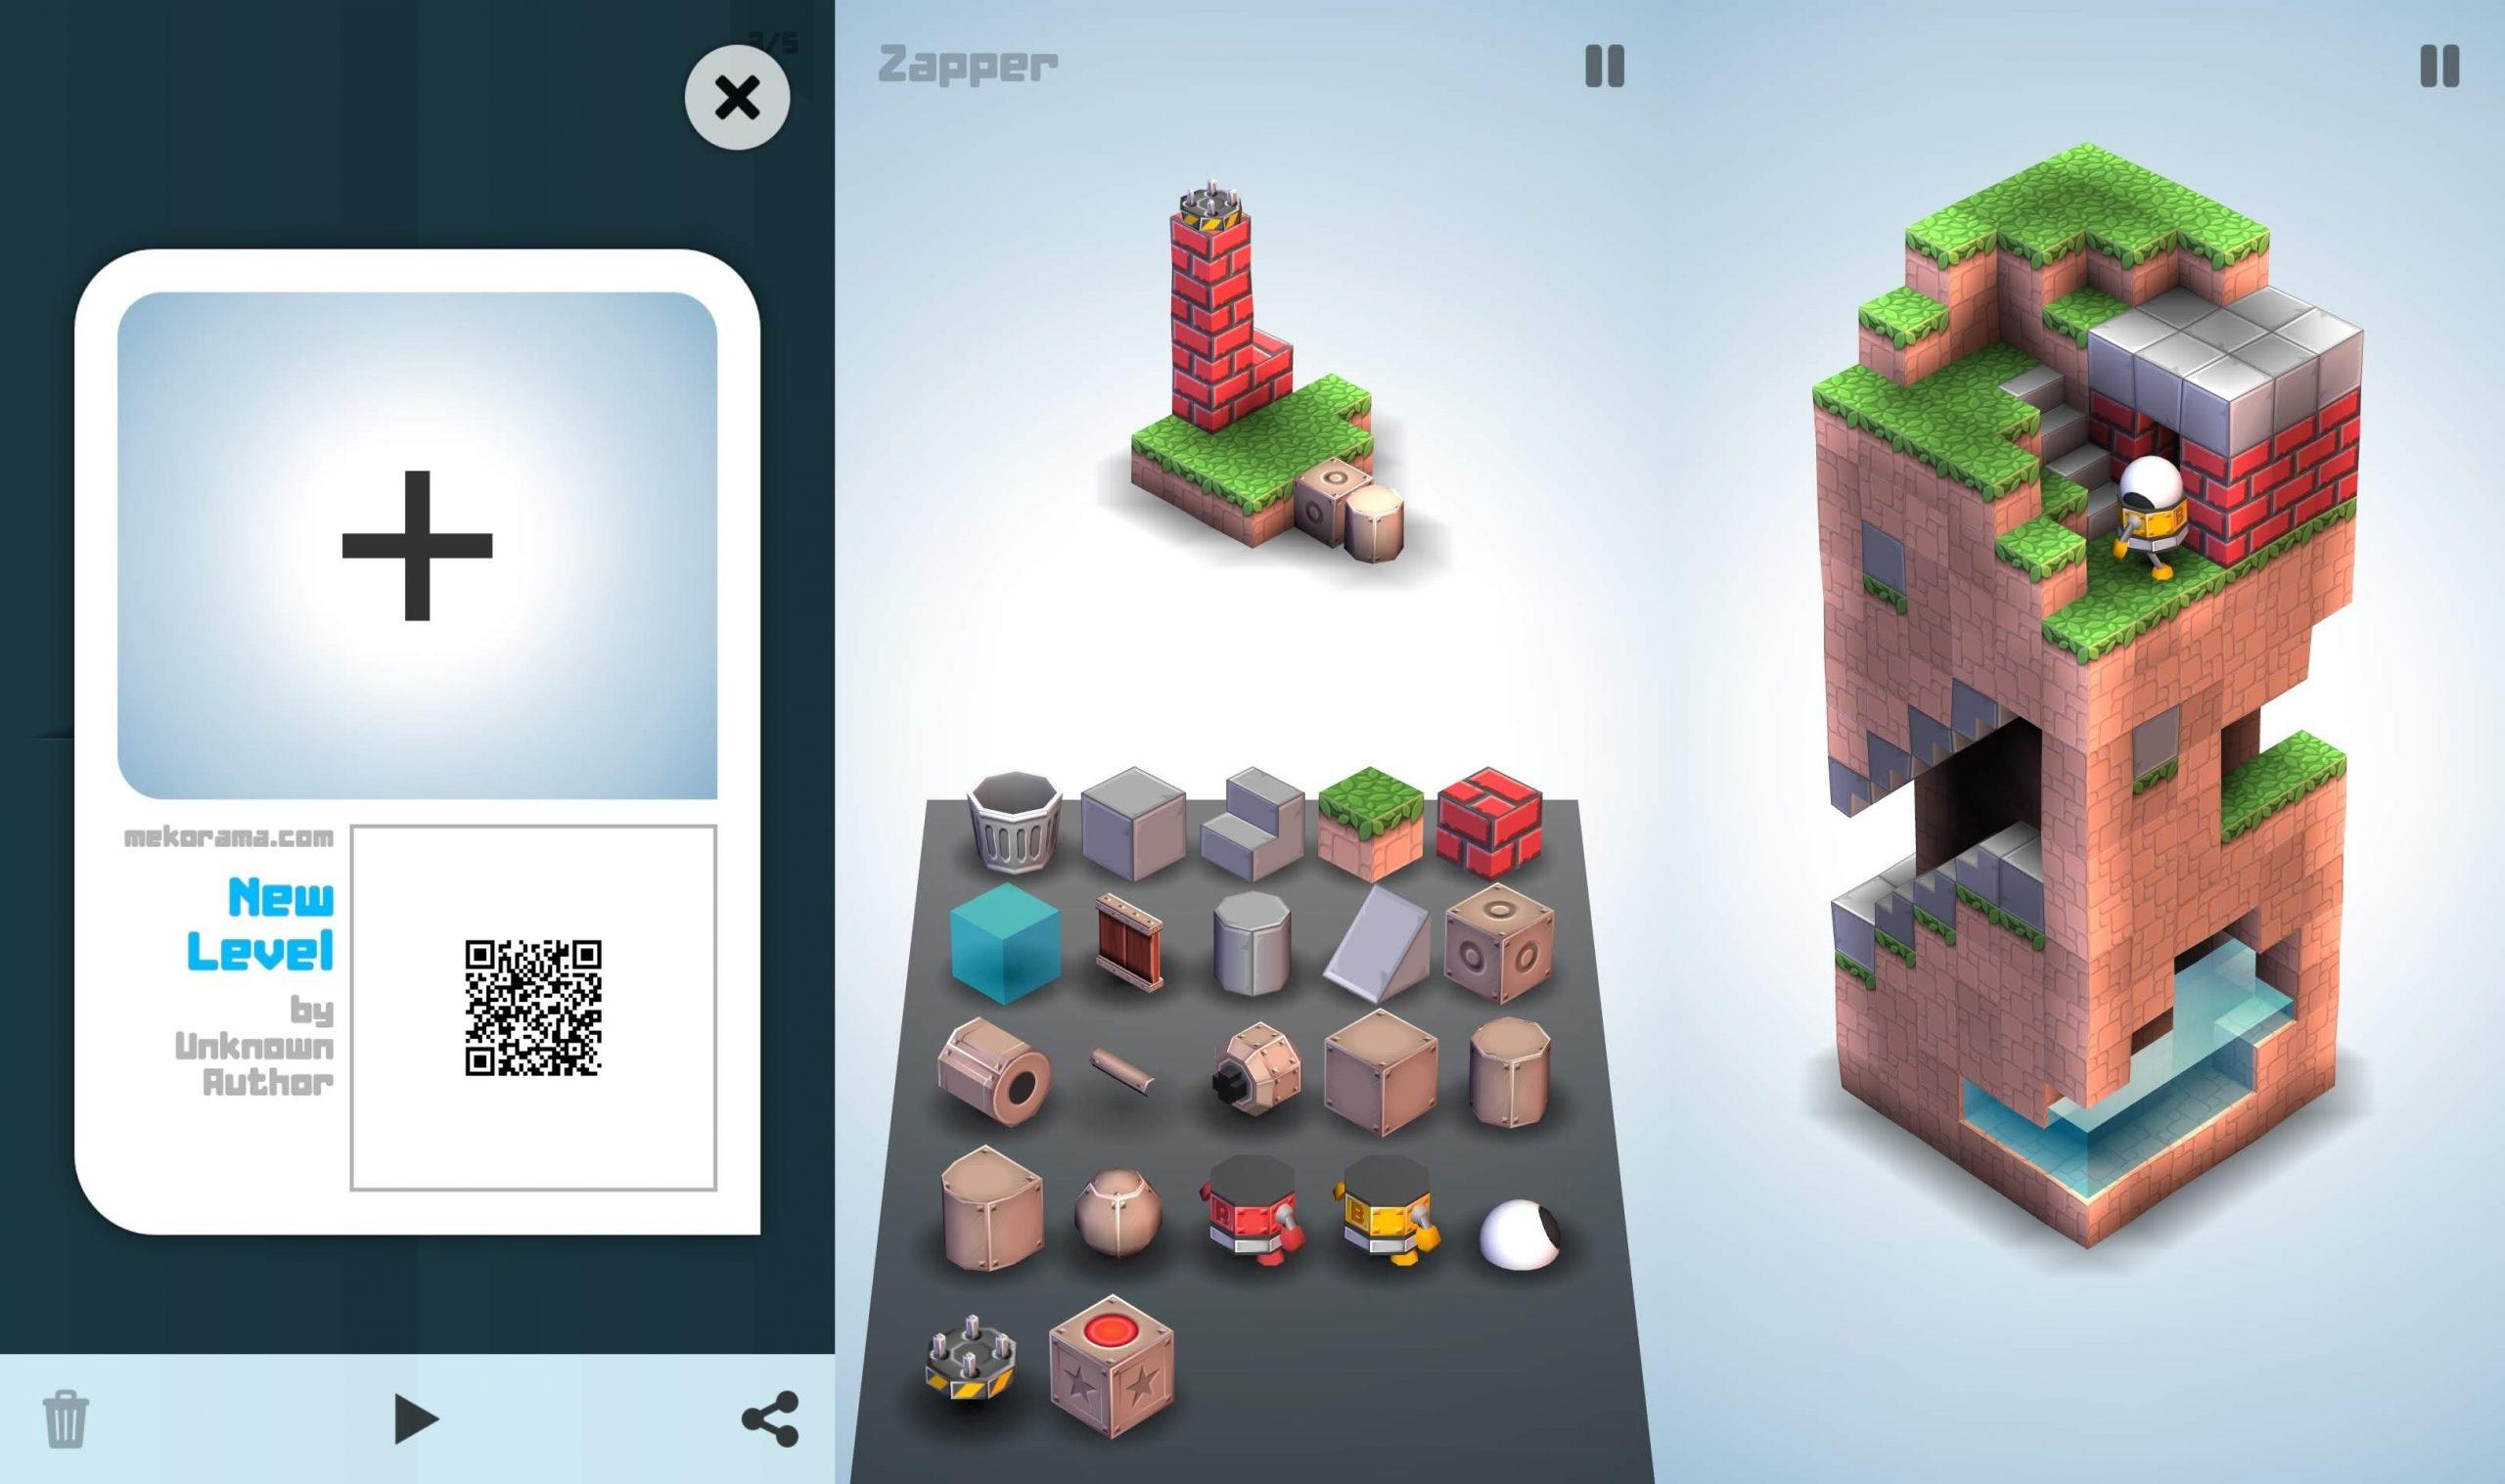 Les Meilleurs Jeux De Réflexion Gratuits Sur Android, Iphone intérieur Puzzles Gratuits Sans Téléchargement